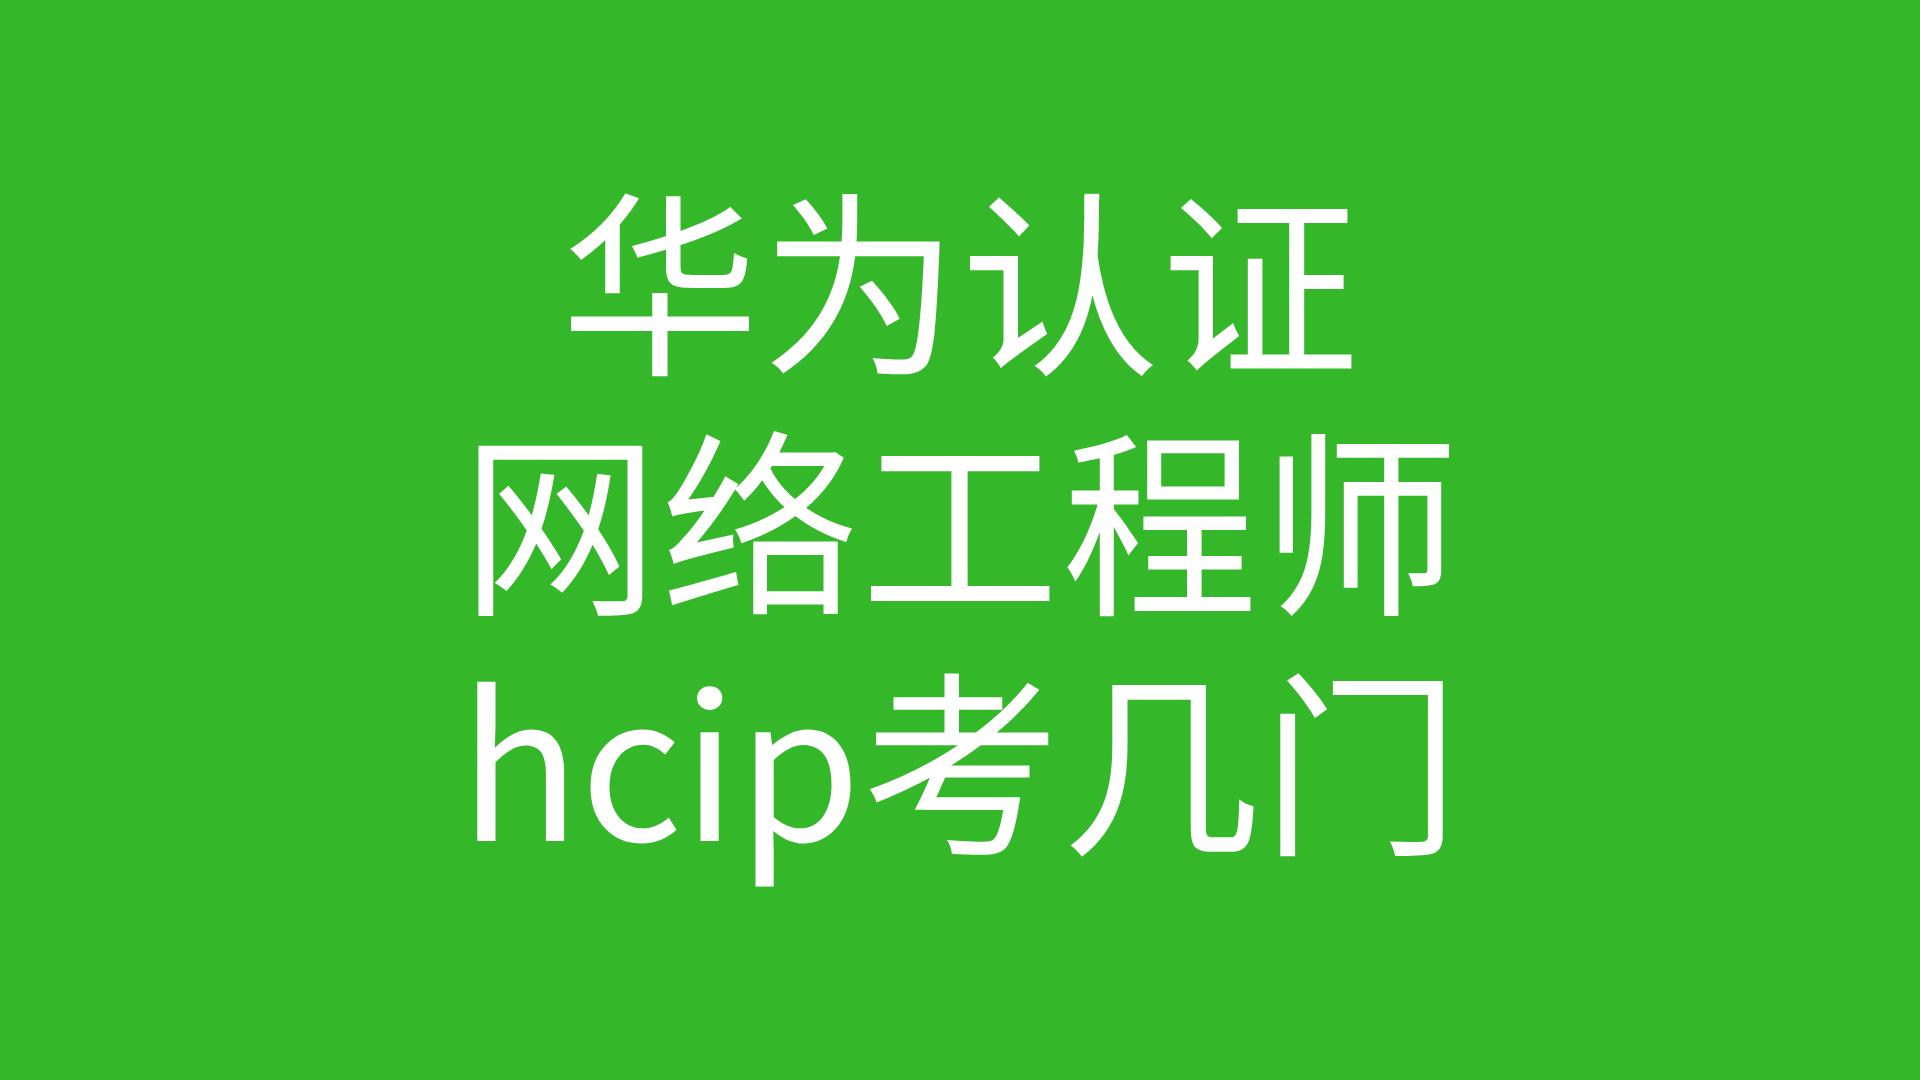 华为认证网络工程师hcip考几门